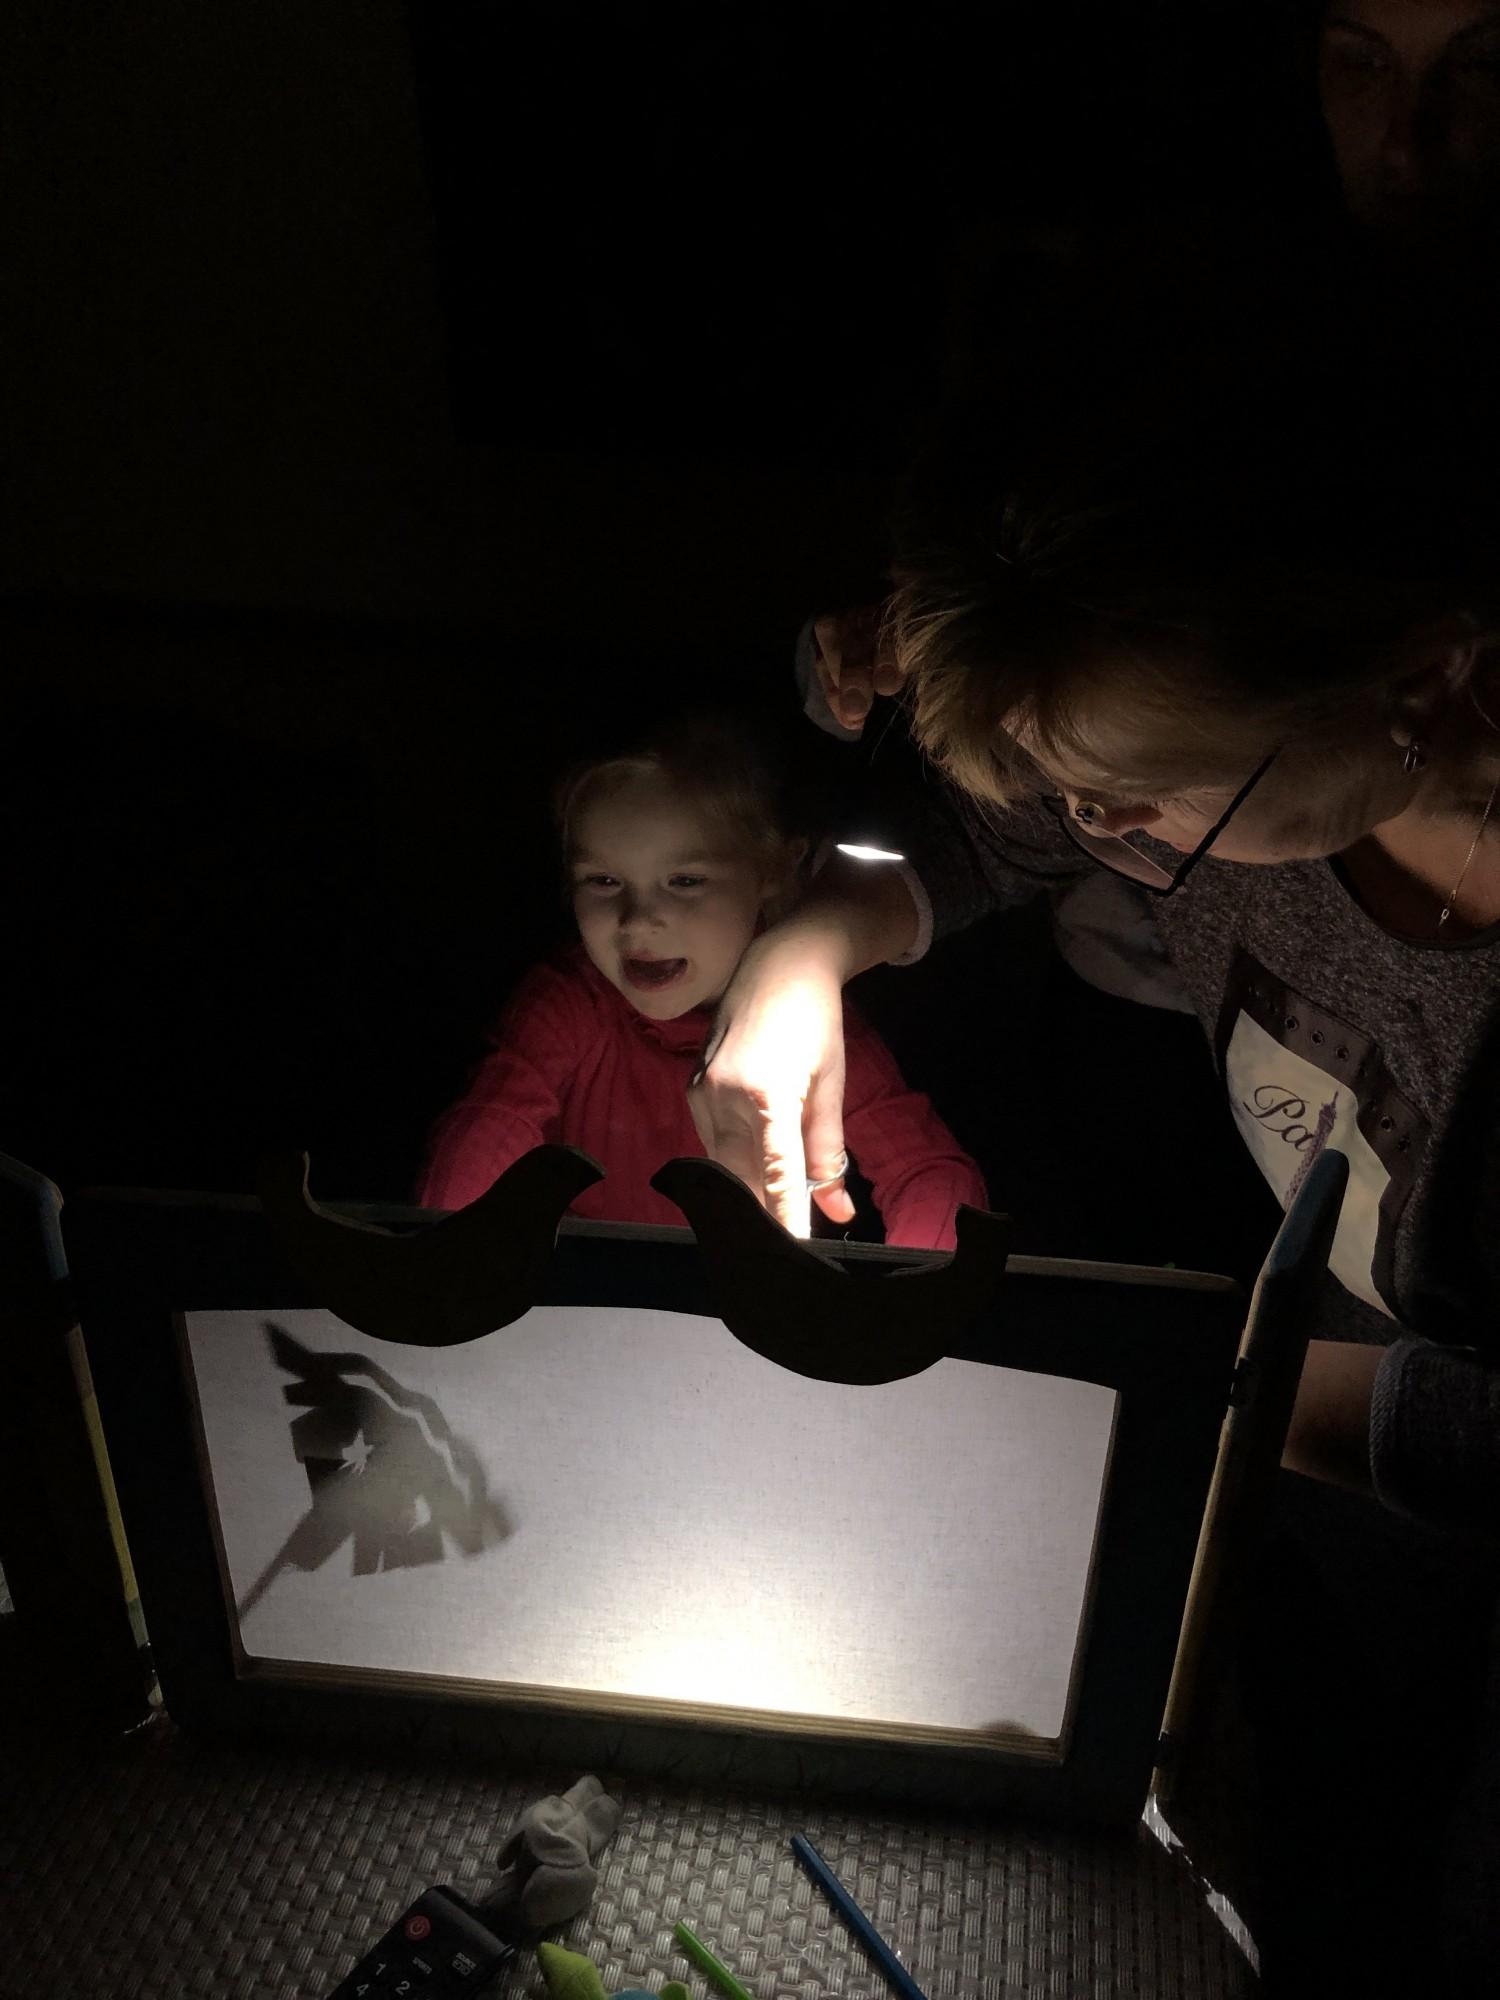 Ваш ребенок боится темноты? Поиграйте с ним в теневой театр и страх постепенно пройдет из-за смены ассоциаций. На фото моя мама и моя племянница ставят теневой спектакль.